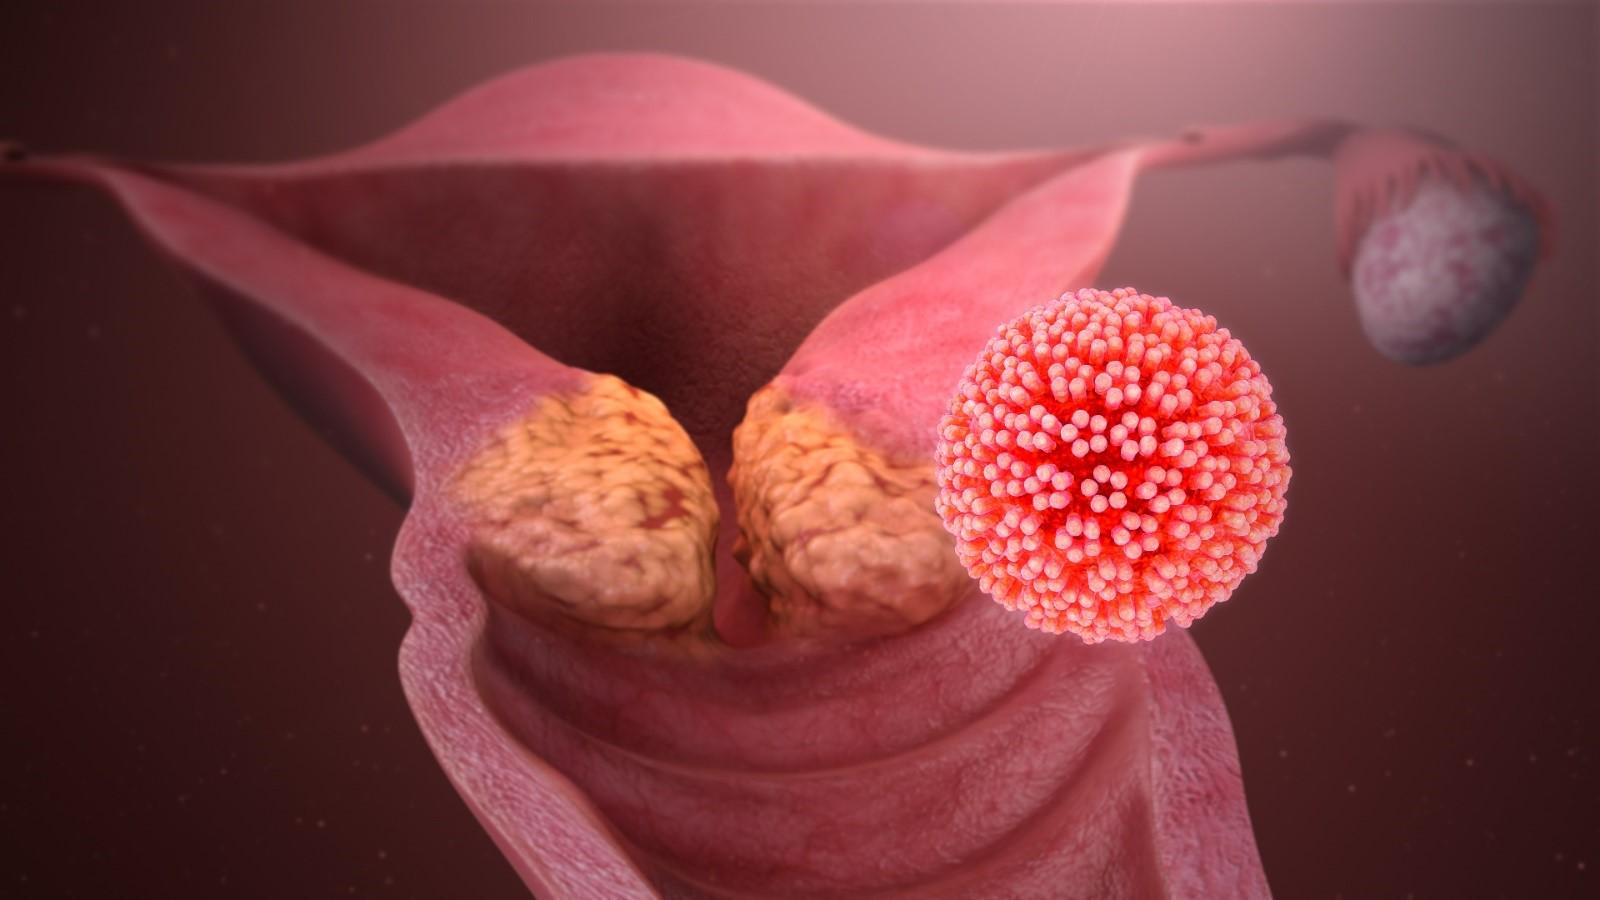 ΗPV: Υπάρχει εμβόλιο για τις προκαρκινικές αλλοιώσεις του τραχήλου της μήτρας;